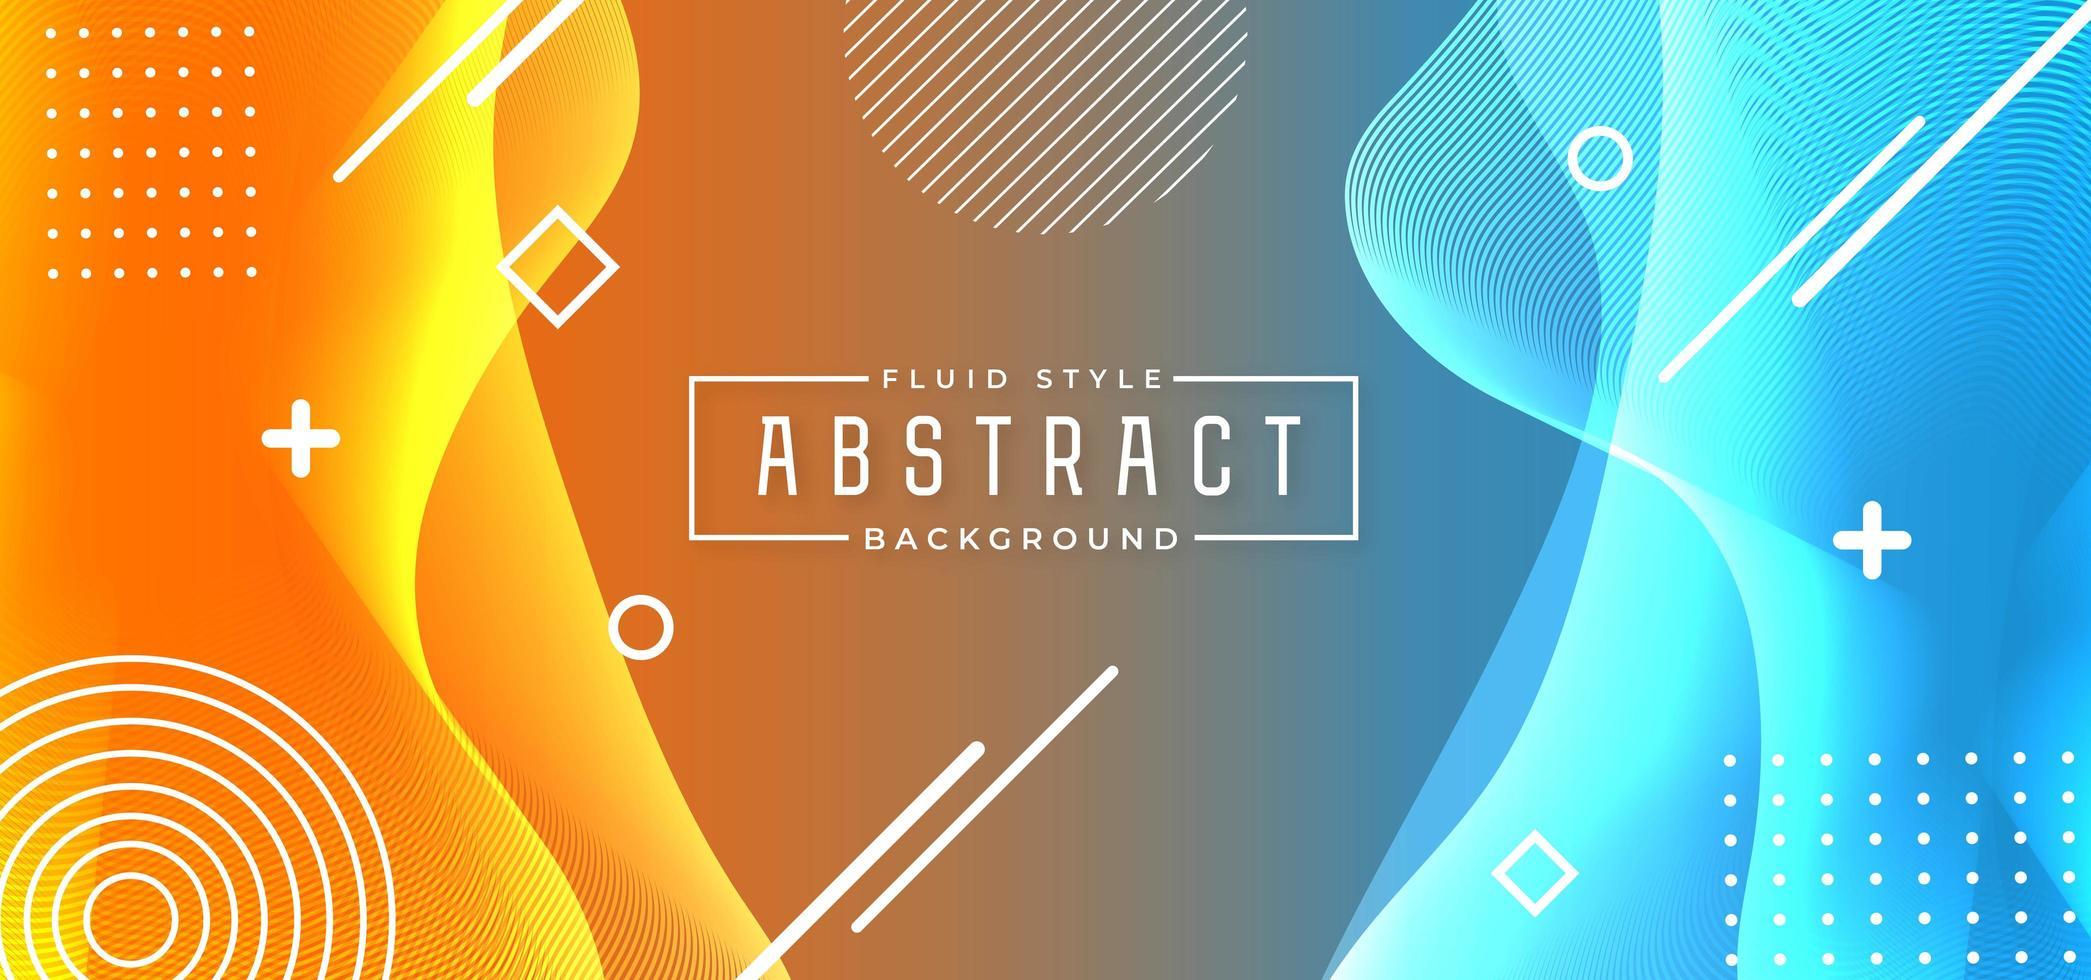 sfondo astratto stile fluido blu e arancione vettore